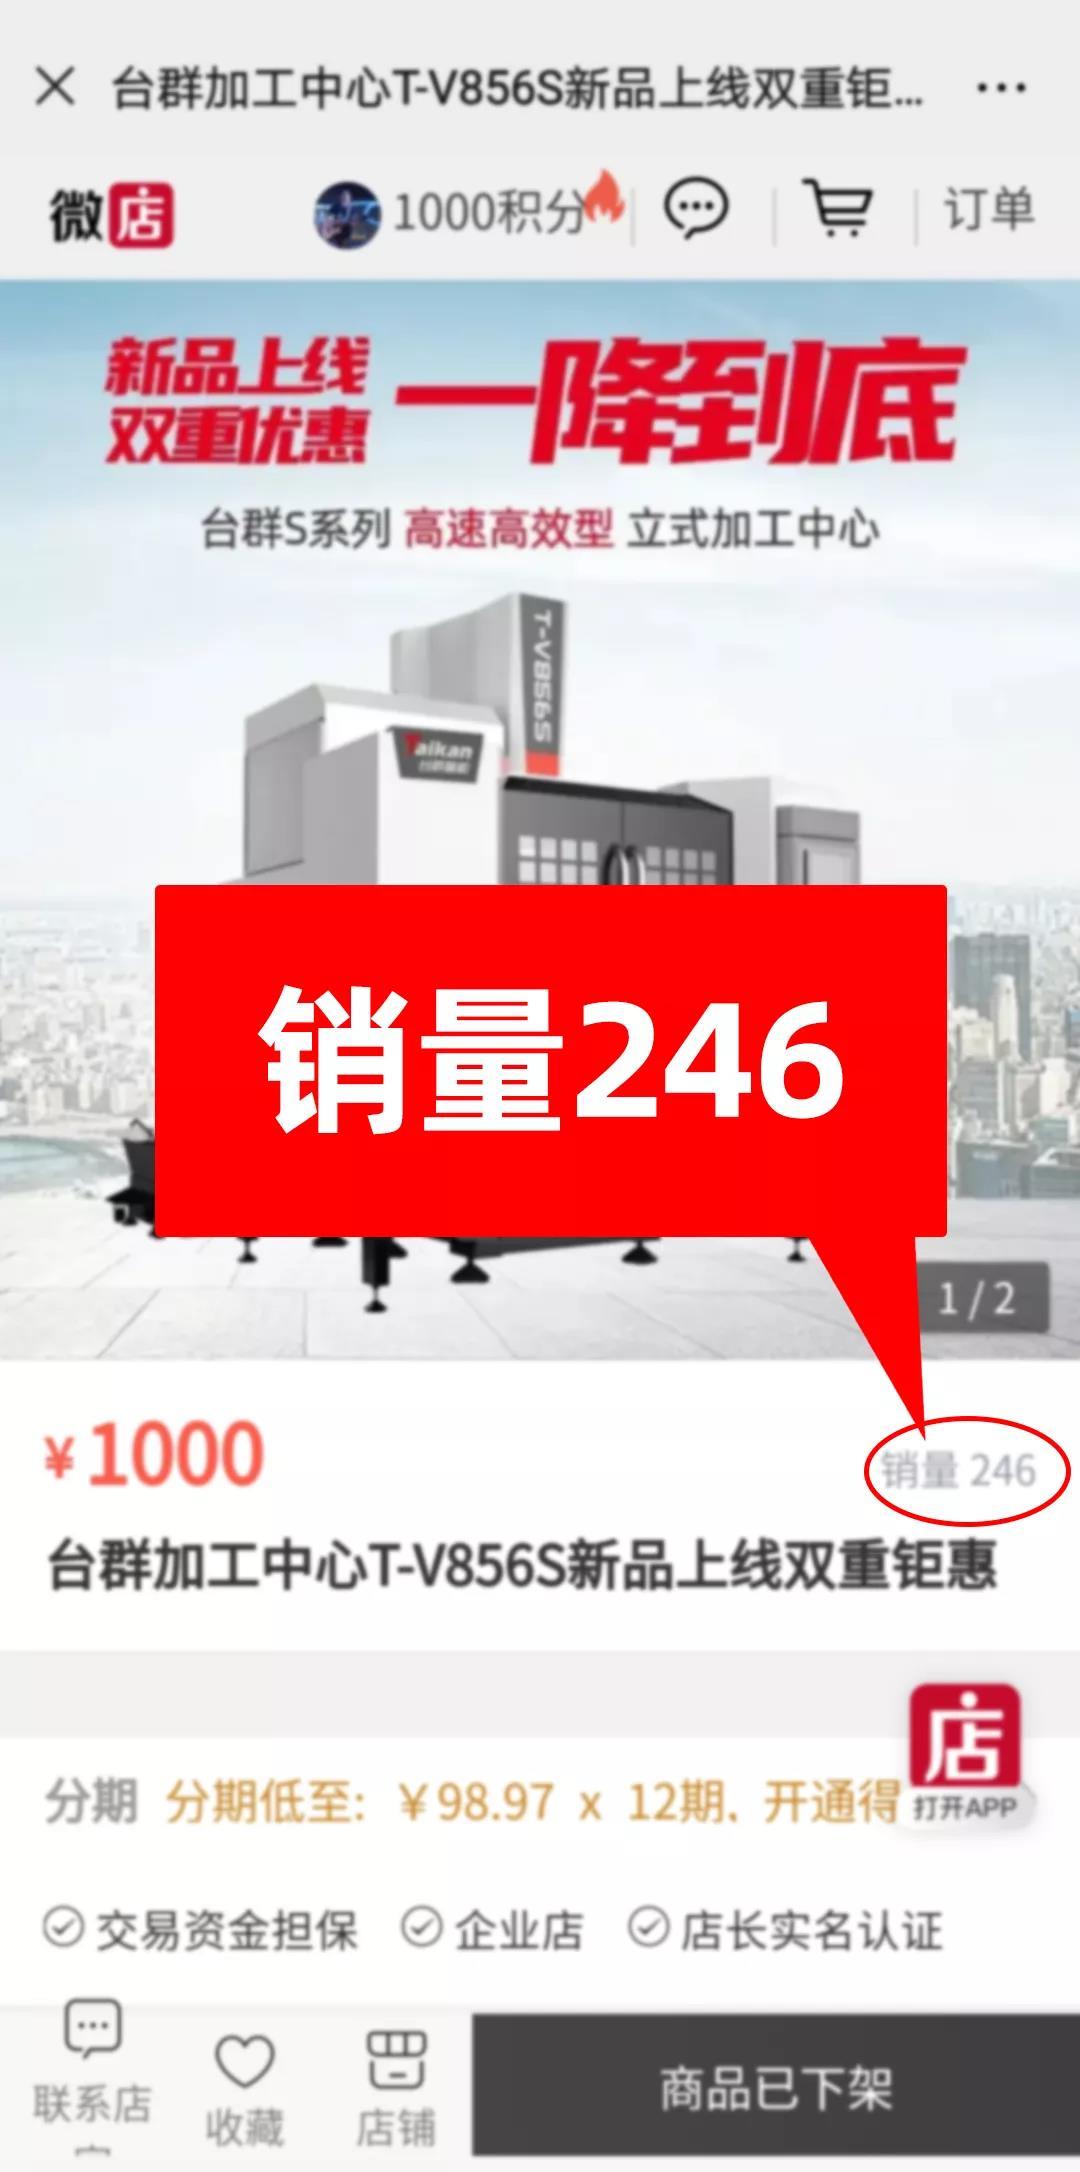 台群精机T-V856S立式加工中心团购